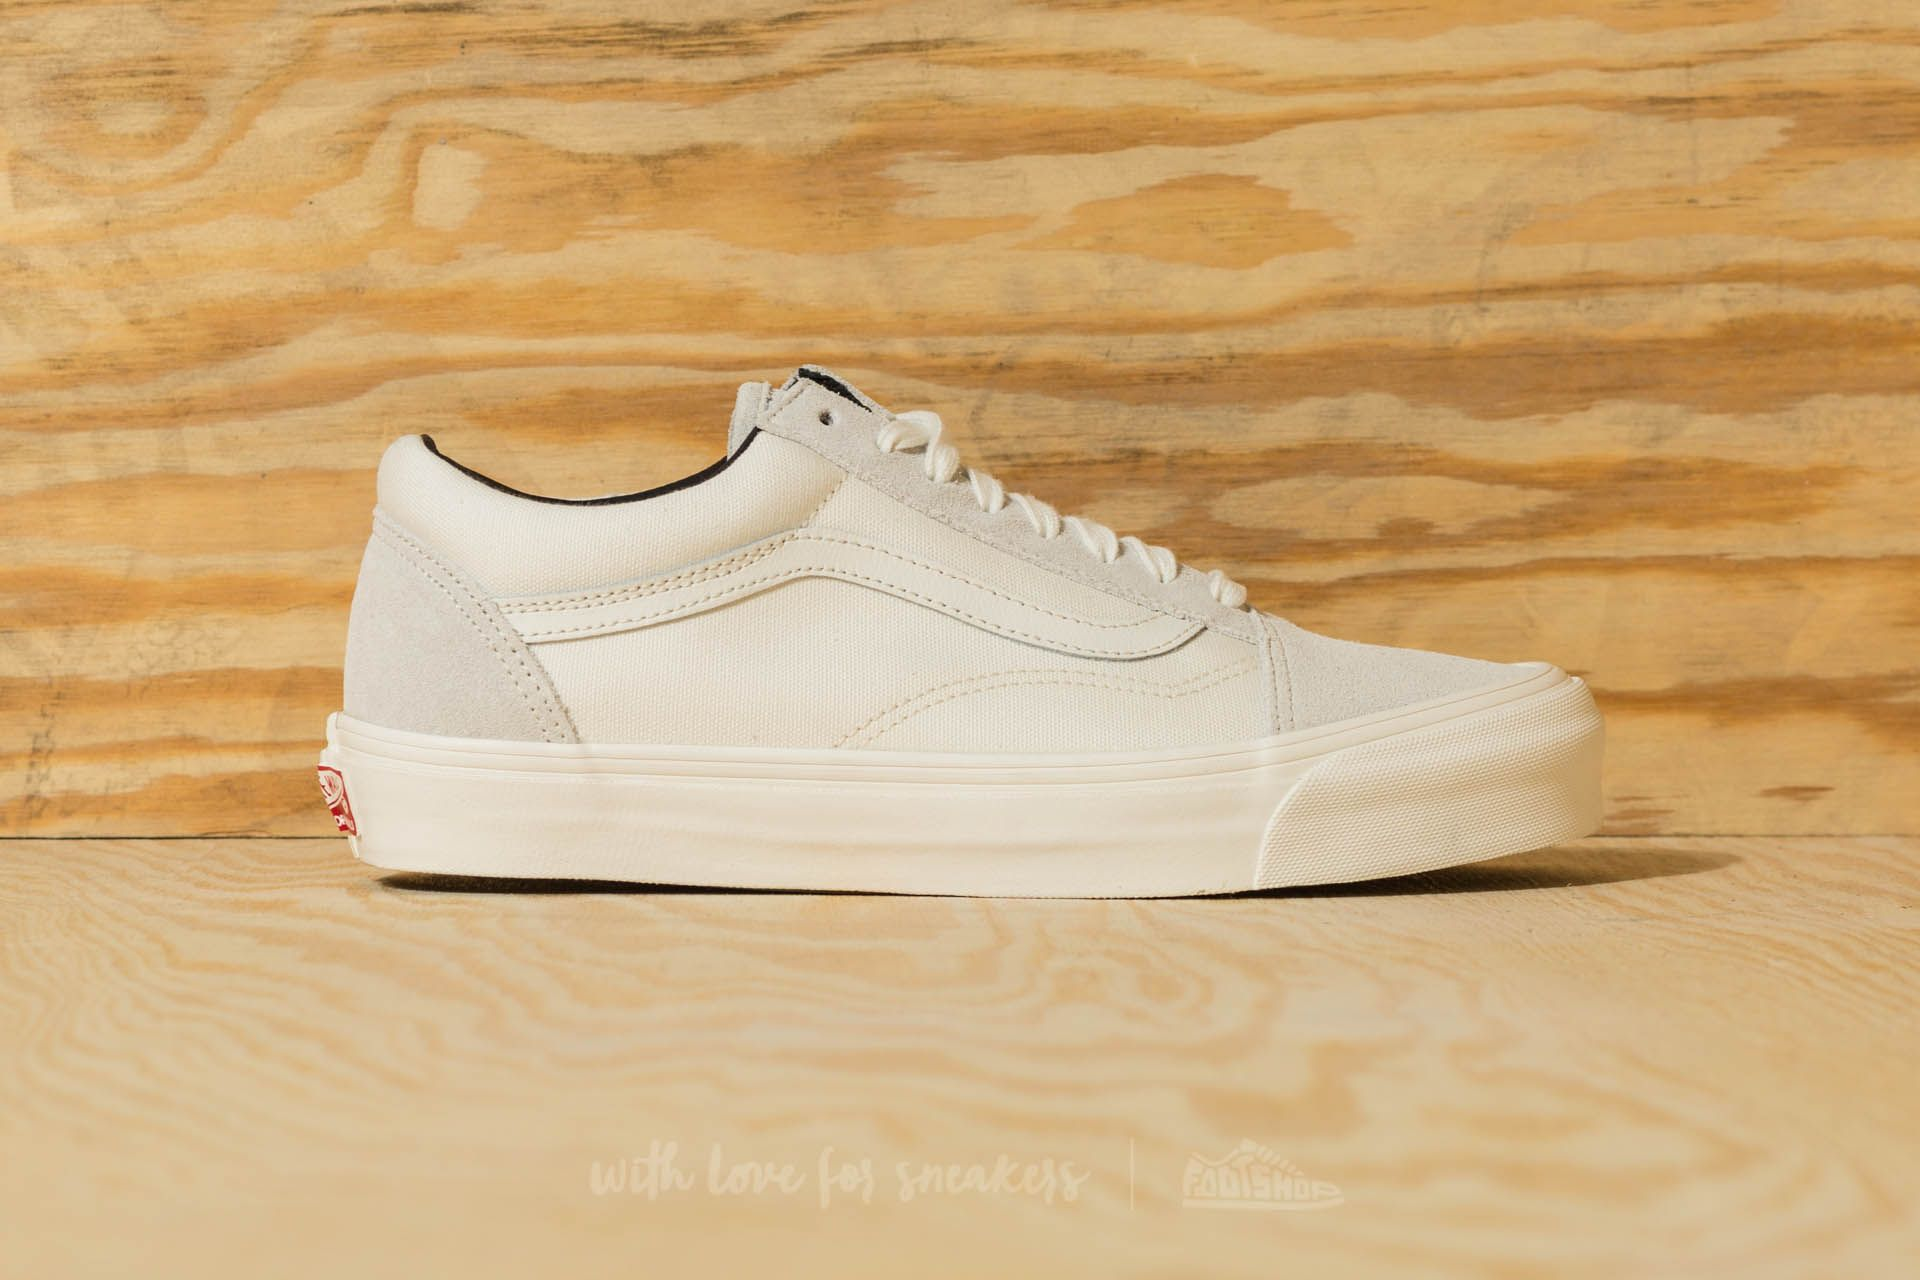 vans old skool lx blanc de blanc